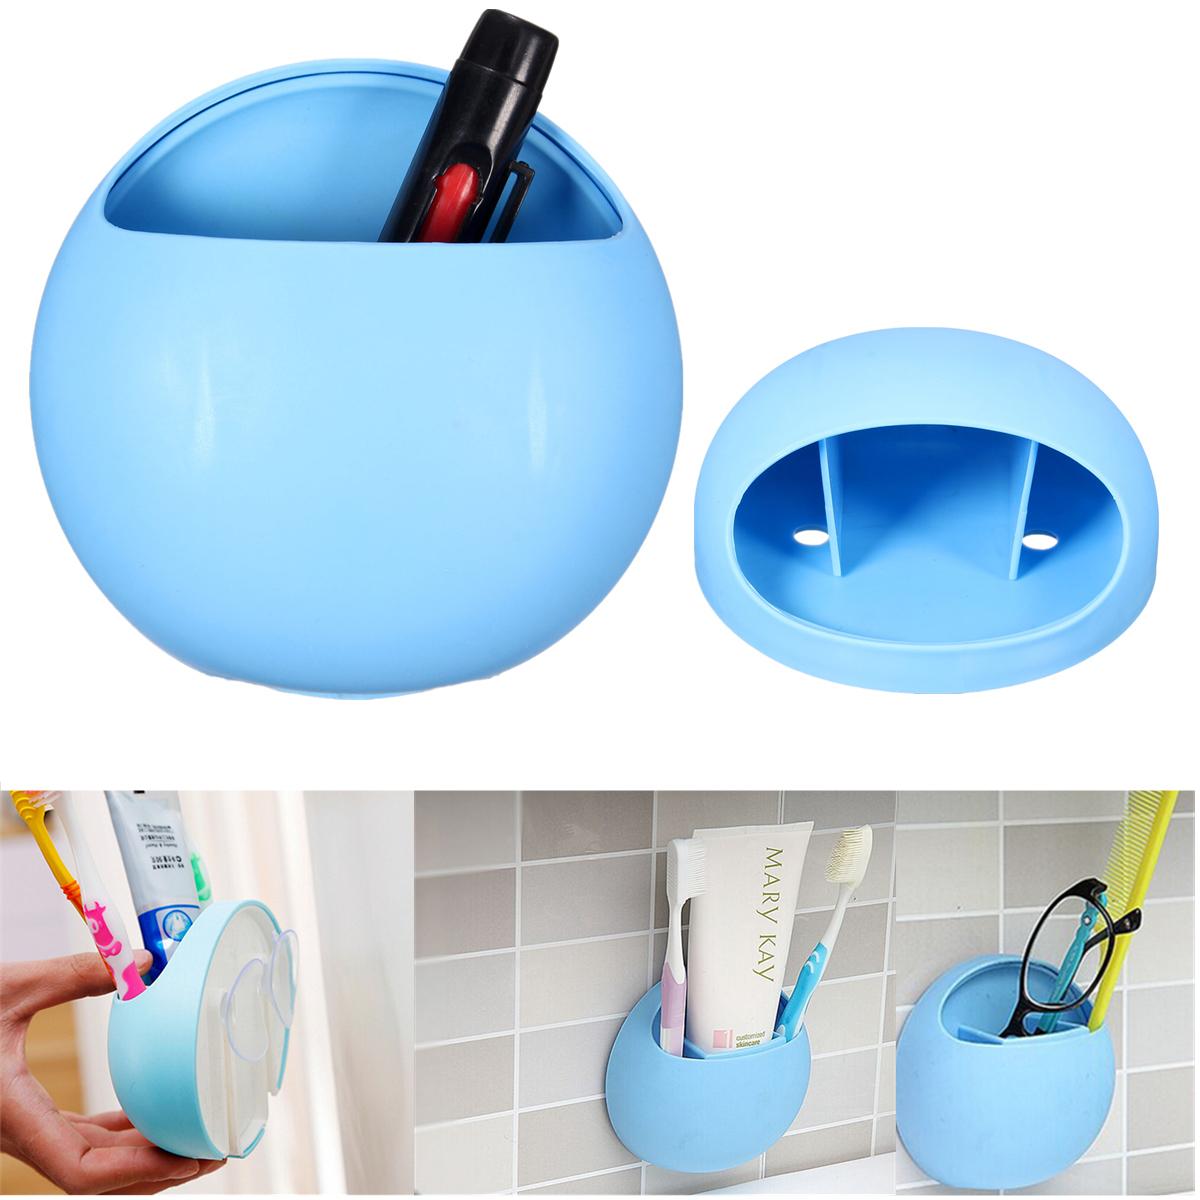 porte brosse 192 dent ventouse mural support toothbrush holder tasse salle de bain ebay